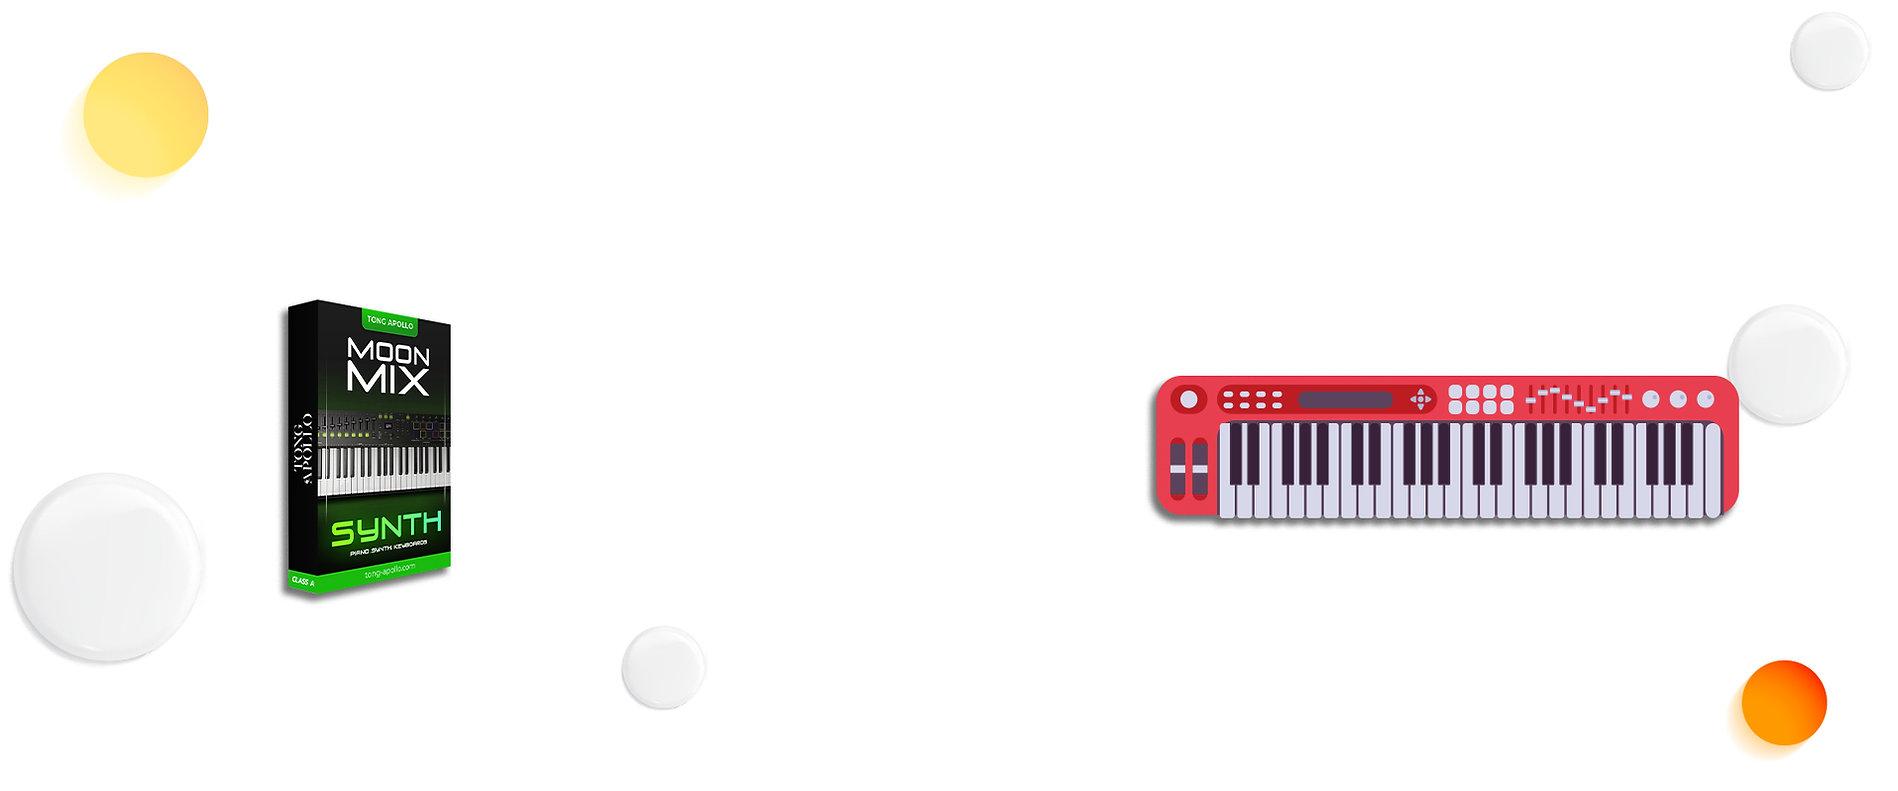 Tong Apollo Moon Mix (PIANO).jpg